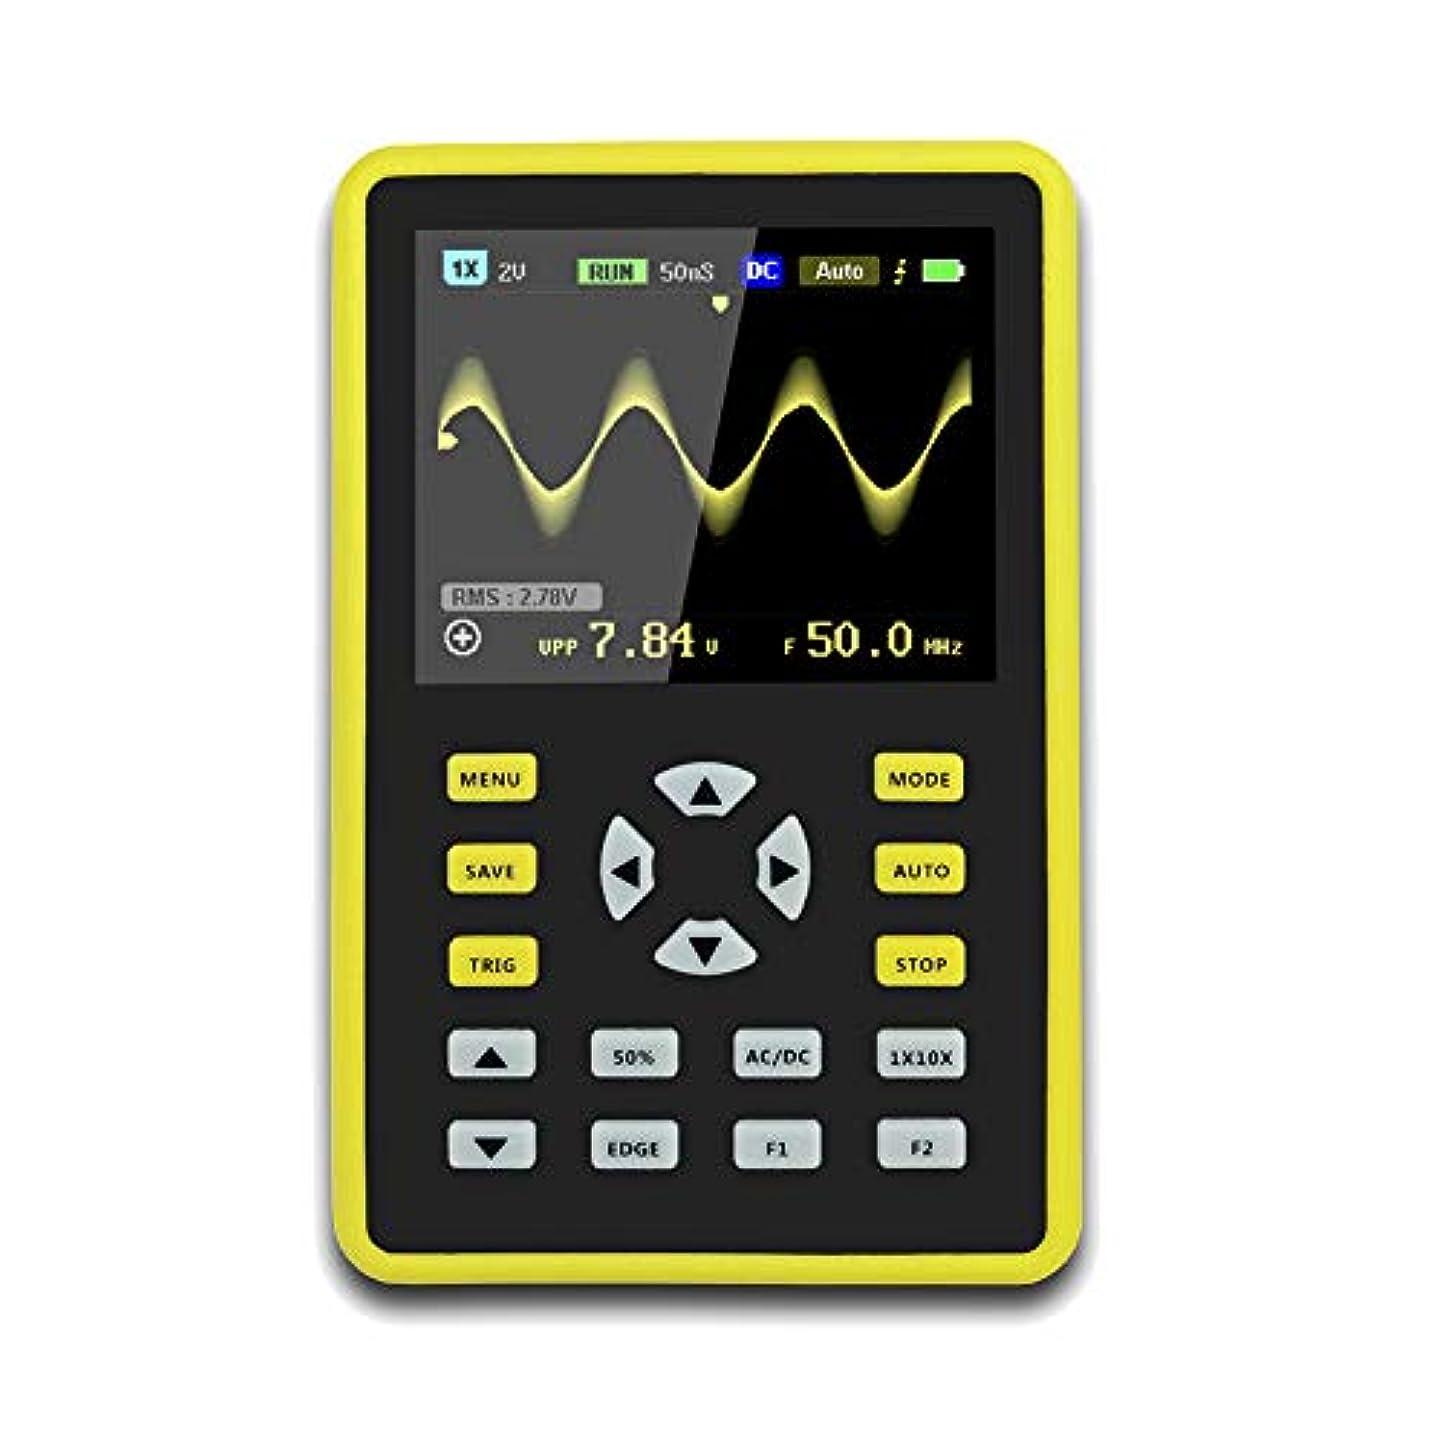 少ない増加する染料CoolTack  手持ち型デジタル小型オシロスコープ2.4インチ500 MS/s IPS LCD表示スクリーンの携帯用